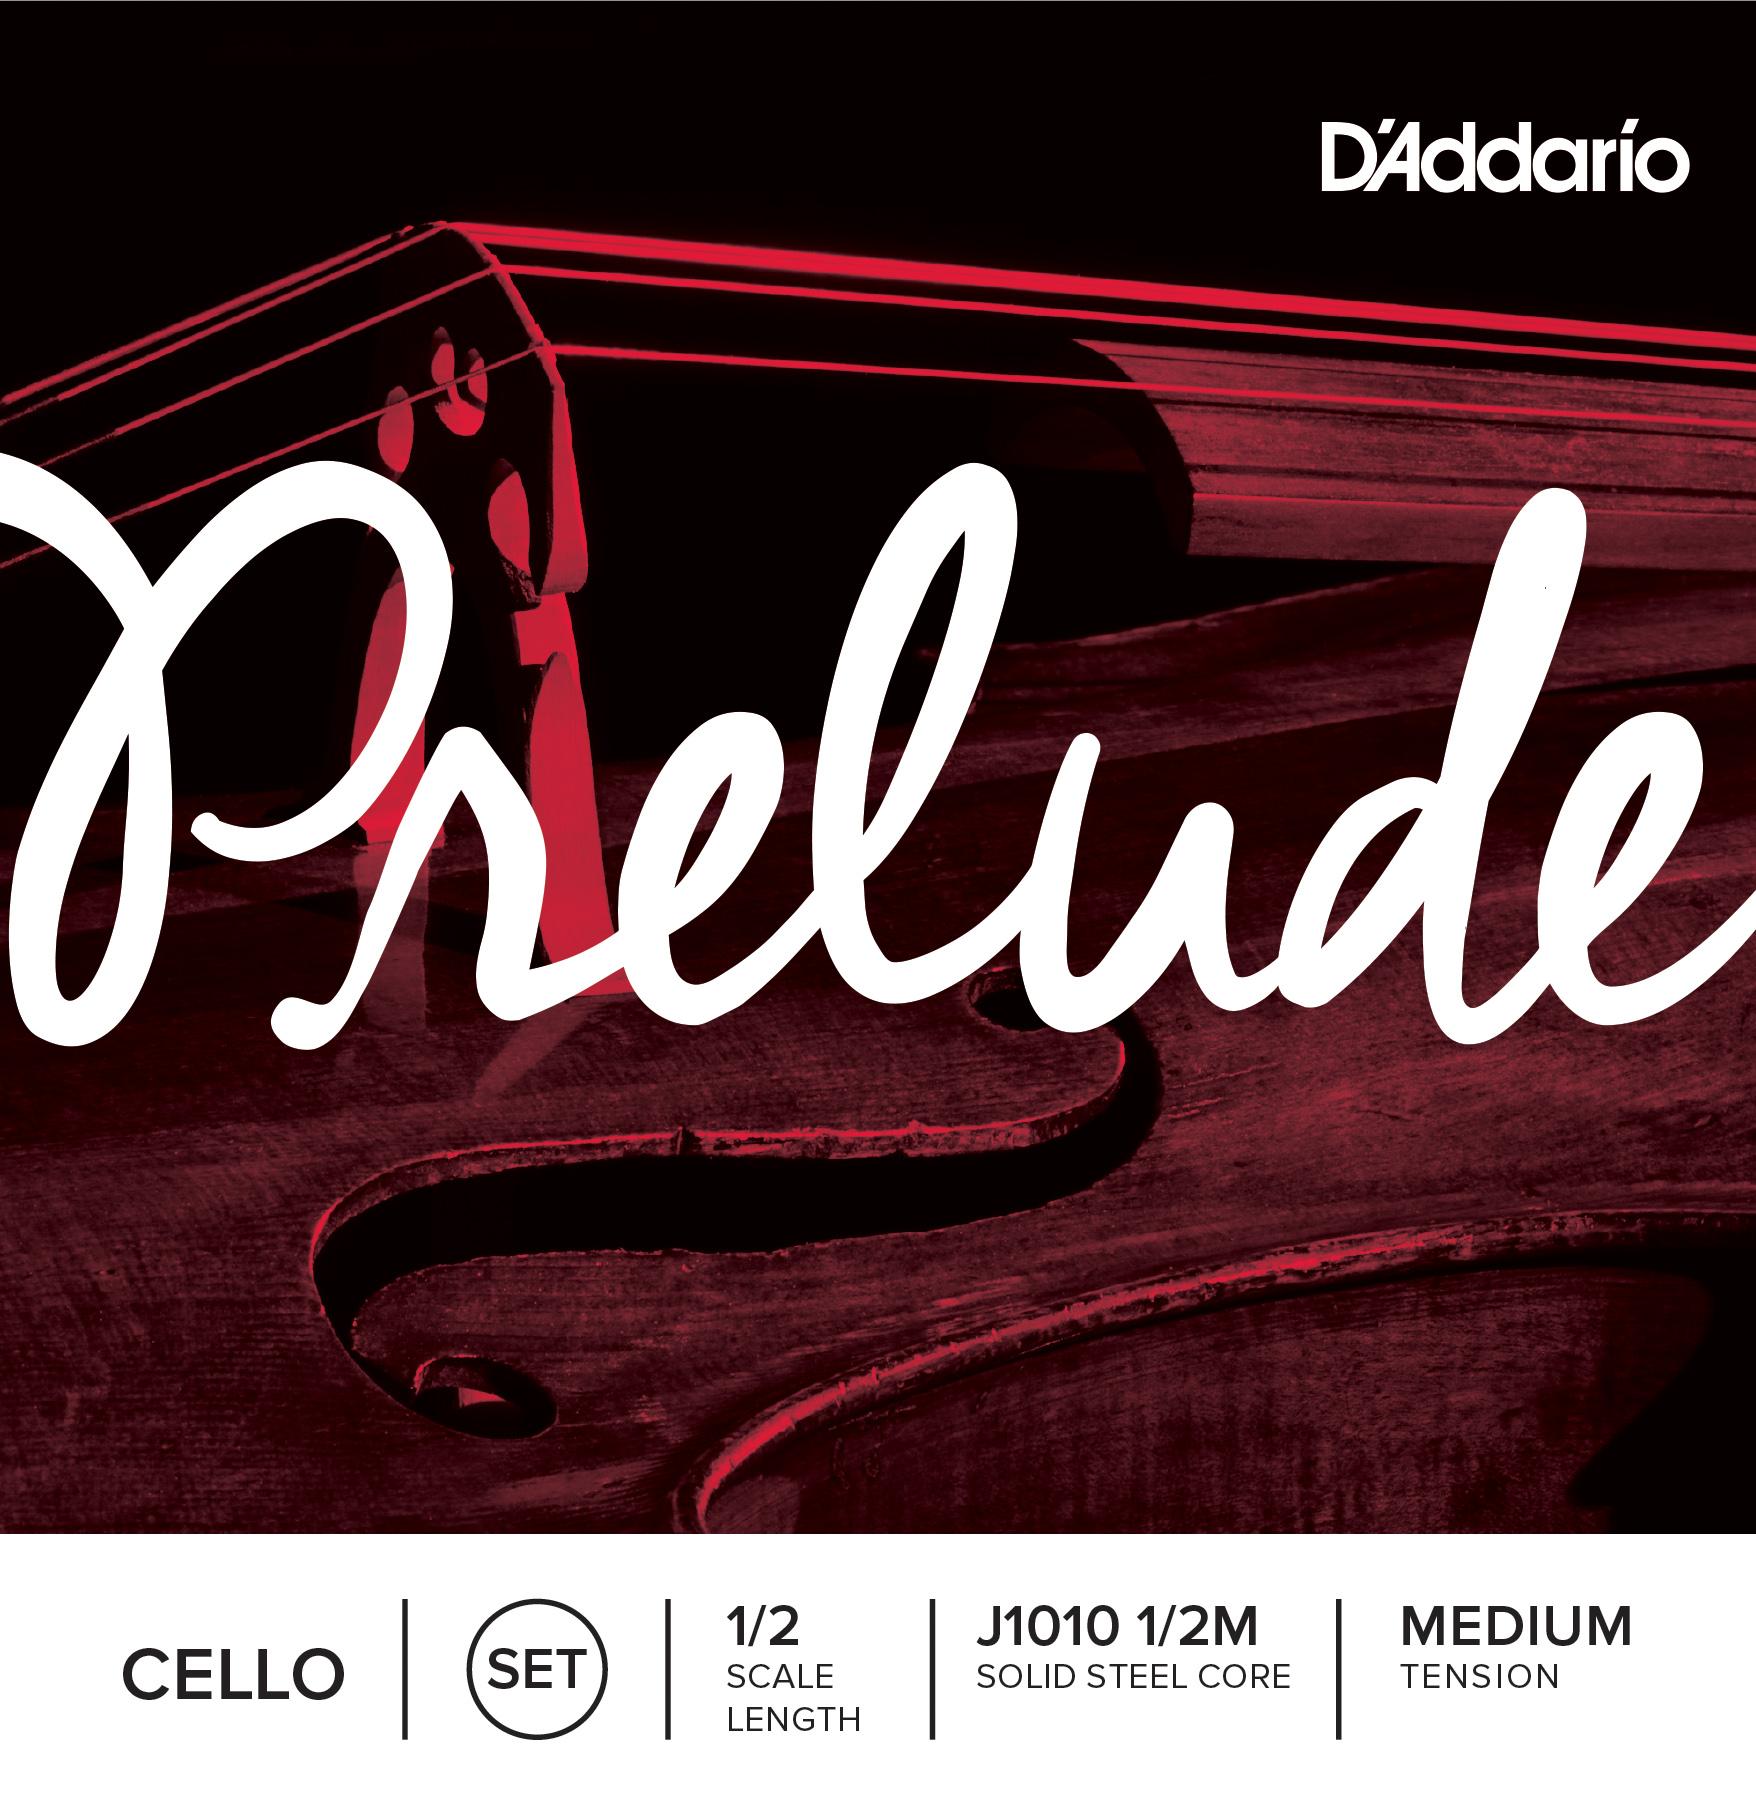 D'Addario Prelude J1010 Cello Stringset